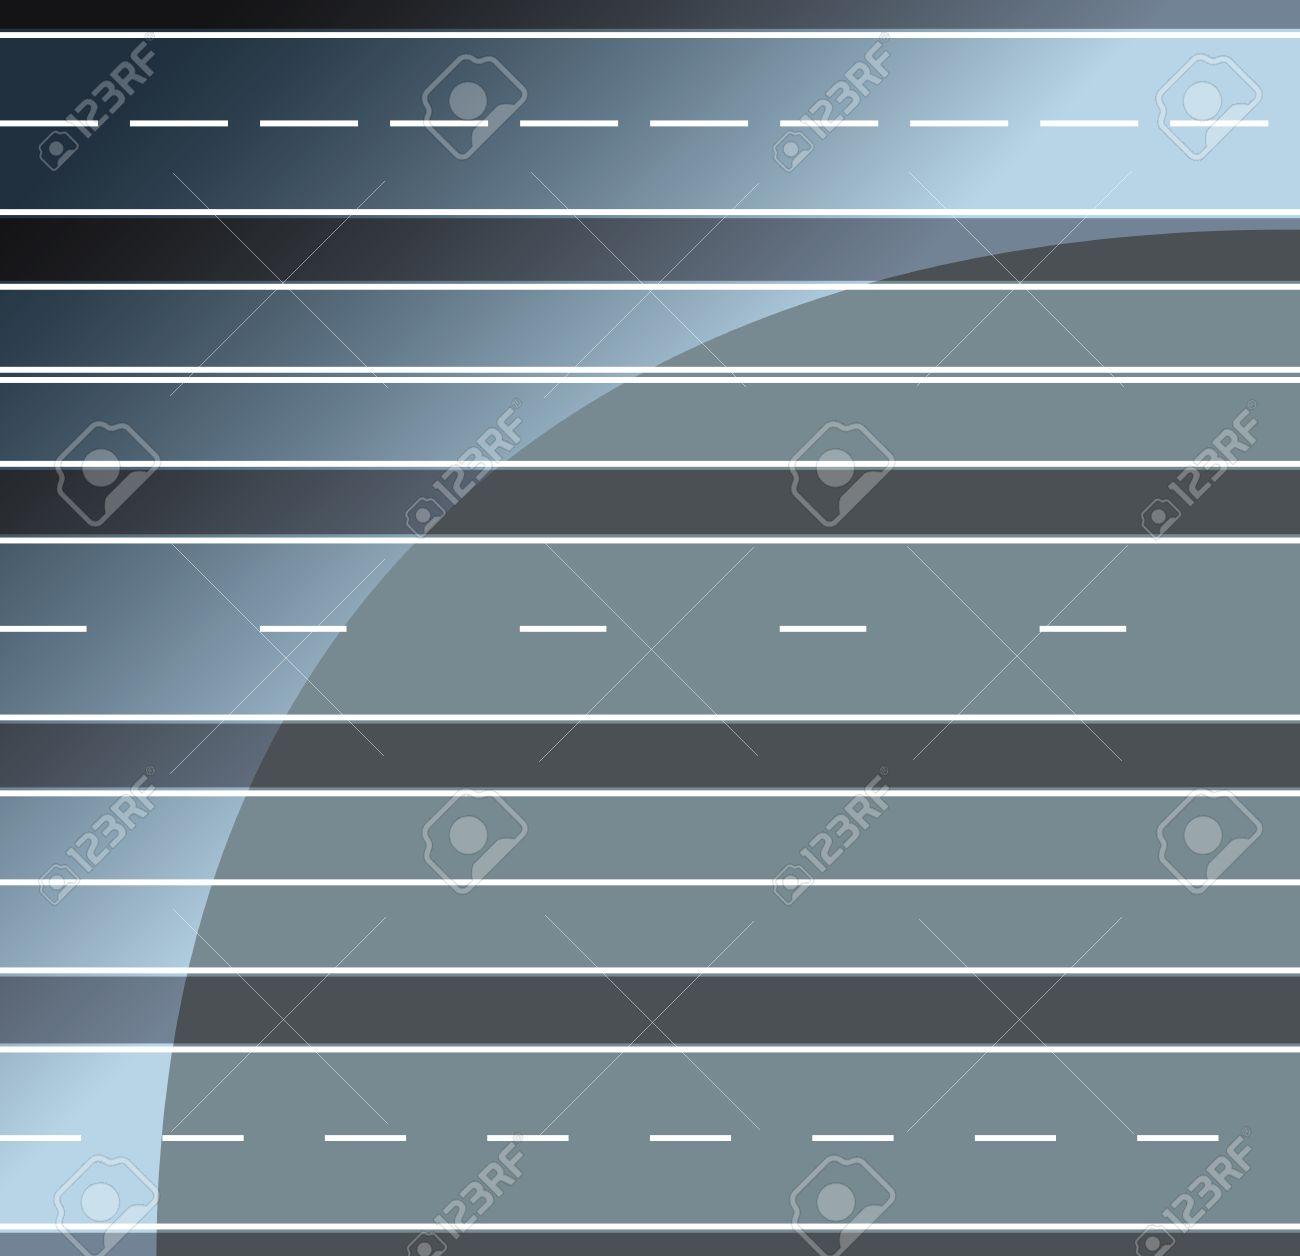 Roads horizontal seamless - 22719368